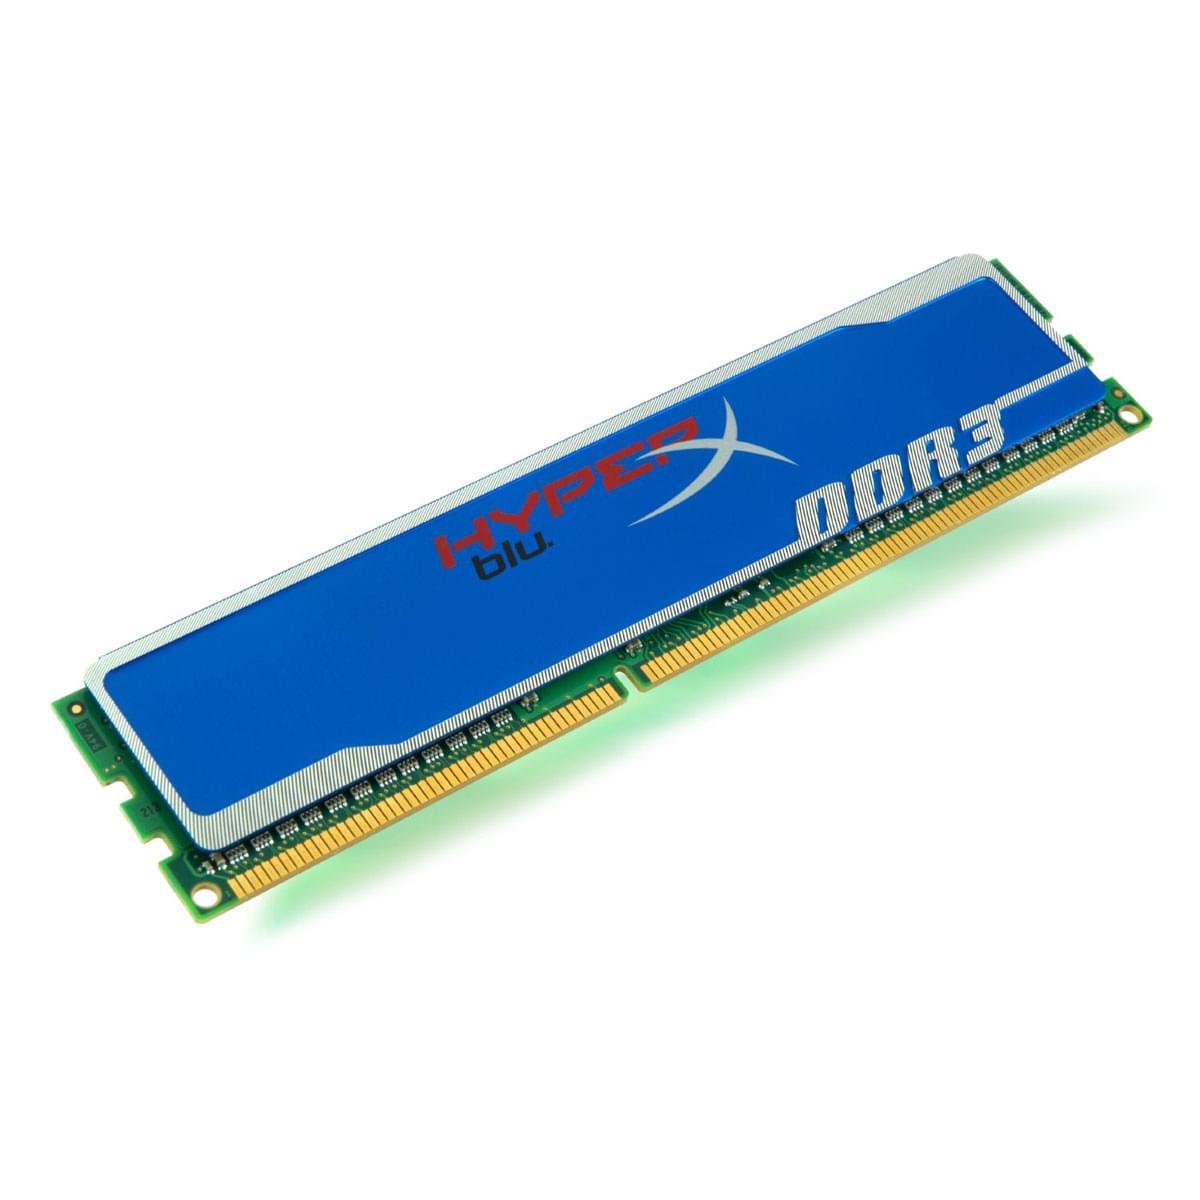 Kingston 4Go DDR3-1600 MHz 12800 HyperX KHX1600C9D3B1/4G (KHX1600C9D3B1/4G arret) - Achat / Vente Mémoire PC sur Cybertek.fr - 0